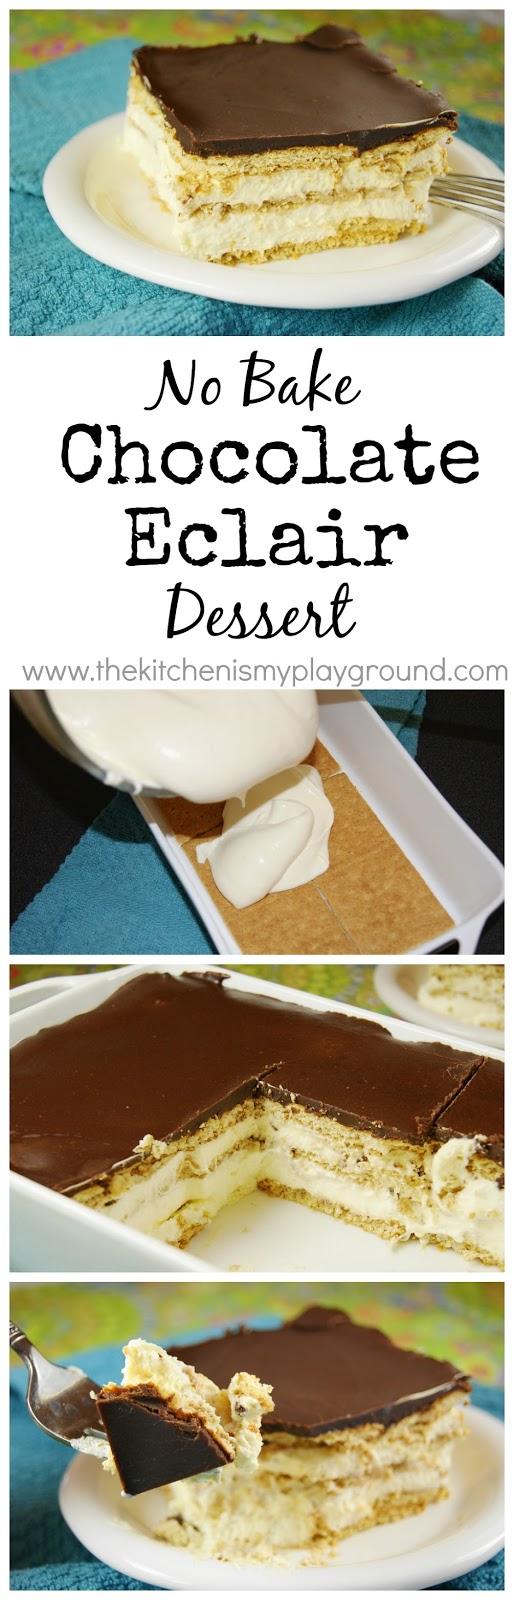 No-Bake Chocolate Eclair Dessert - The Kitchen is My Playground